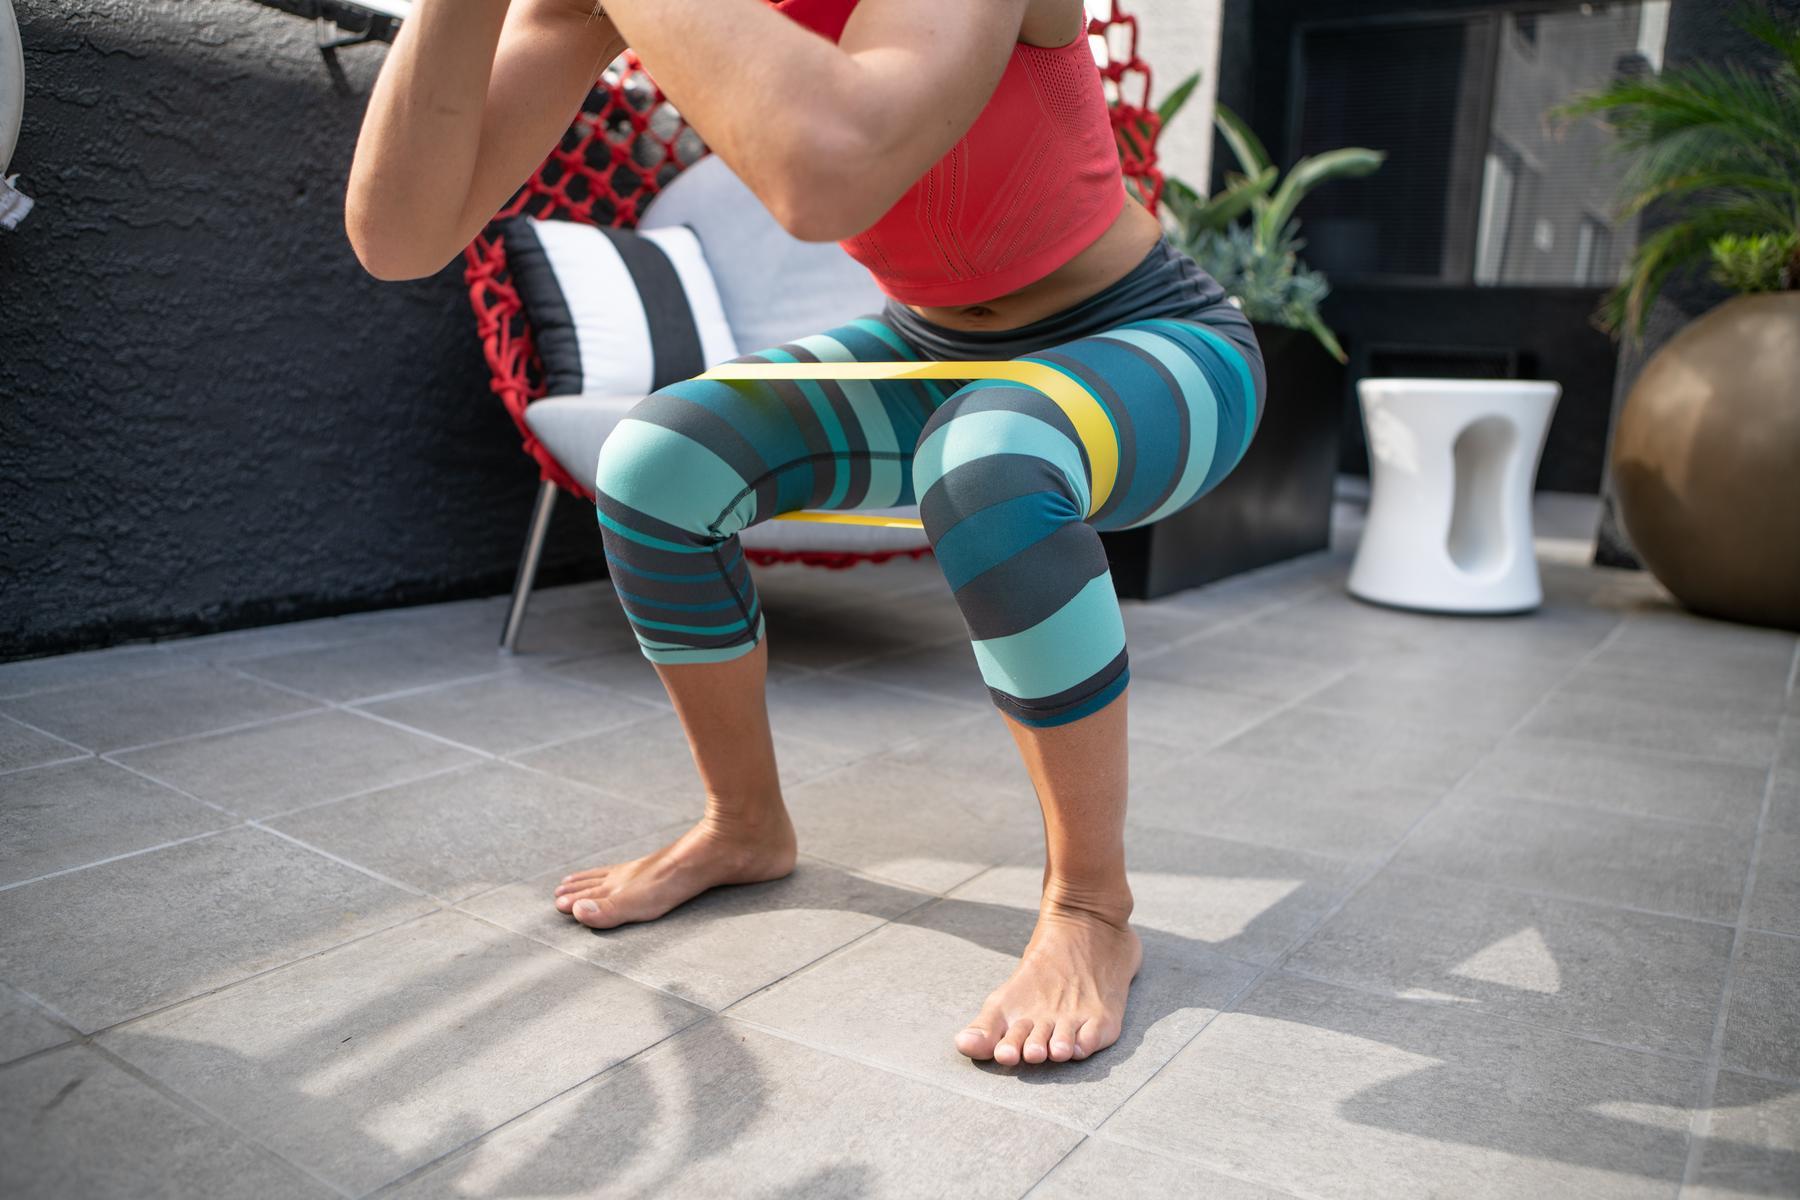 Esercizi con elastici | 8 Migliori Esercizi bande elastiche